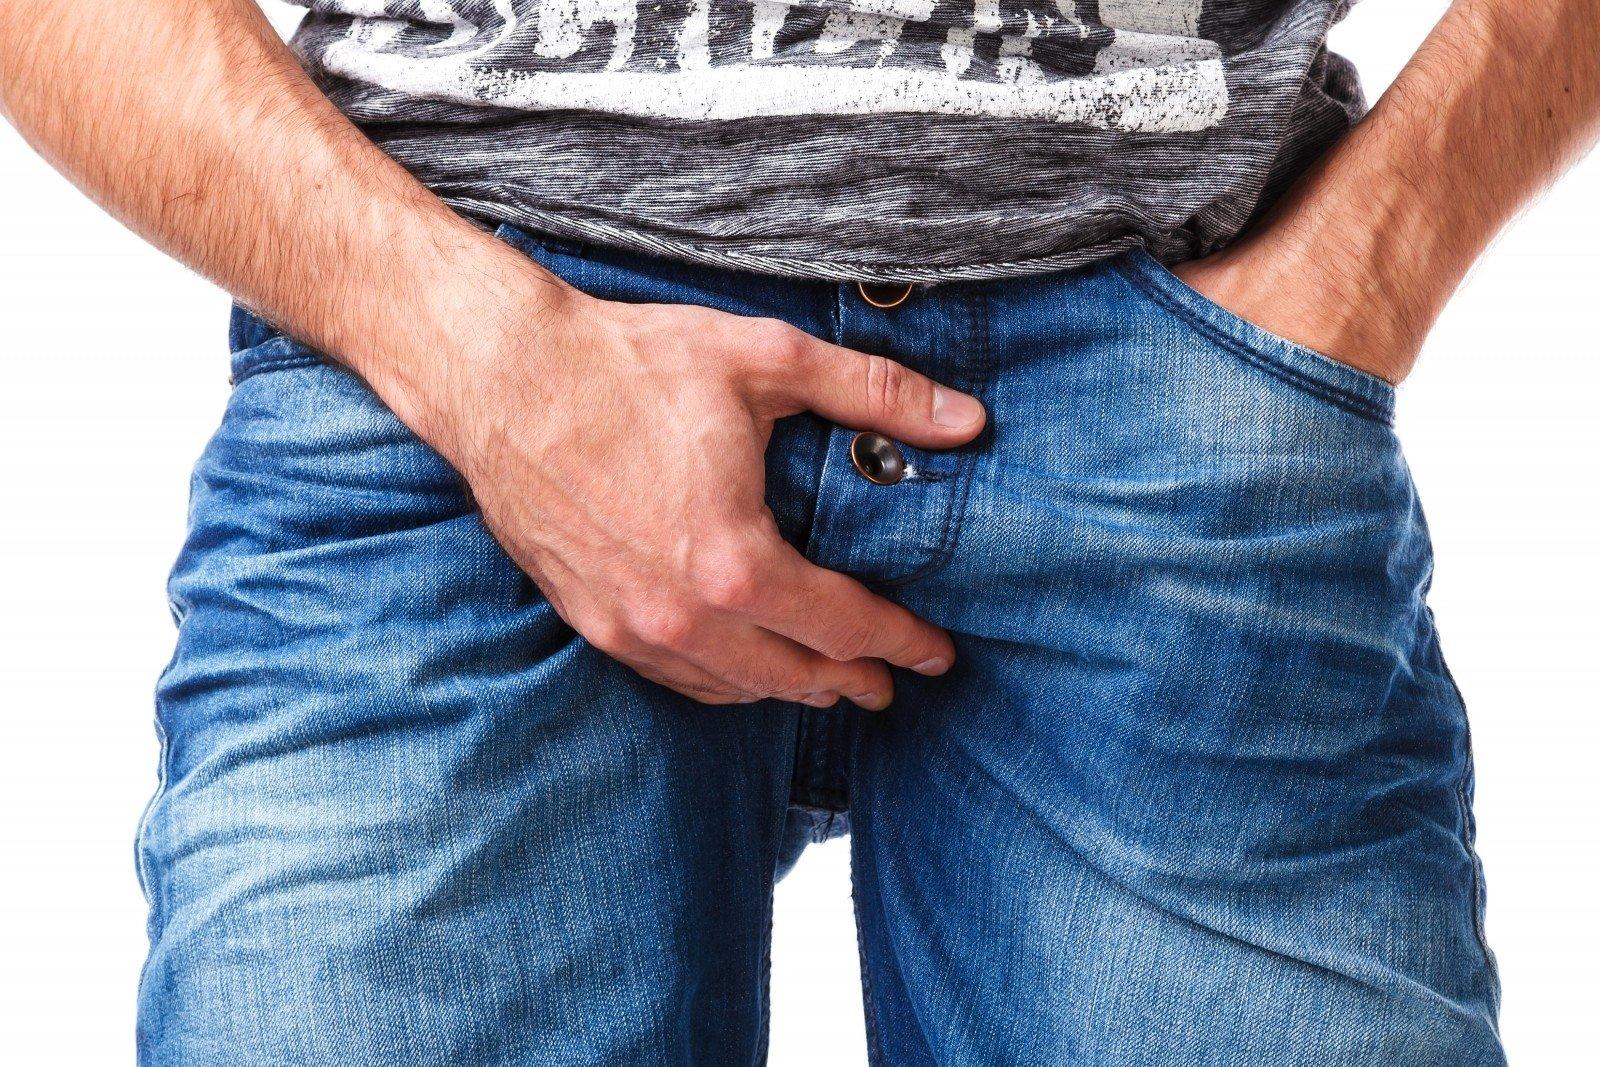 vyrų varpos ląstelės vyrai su galinga varpa